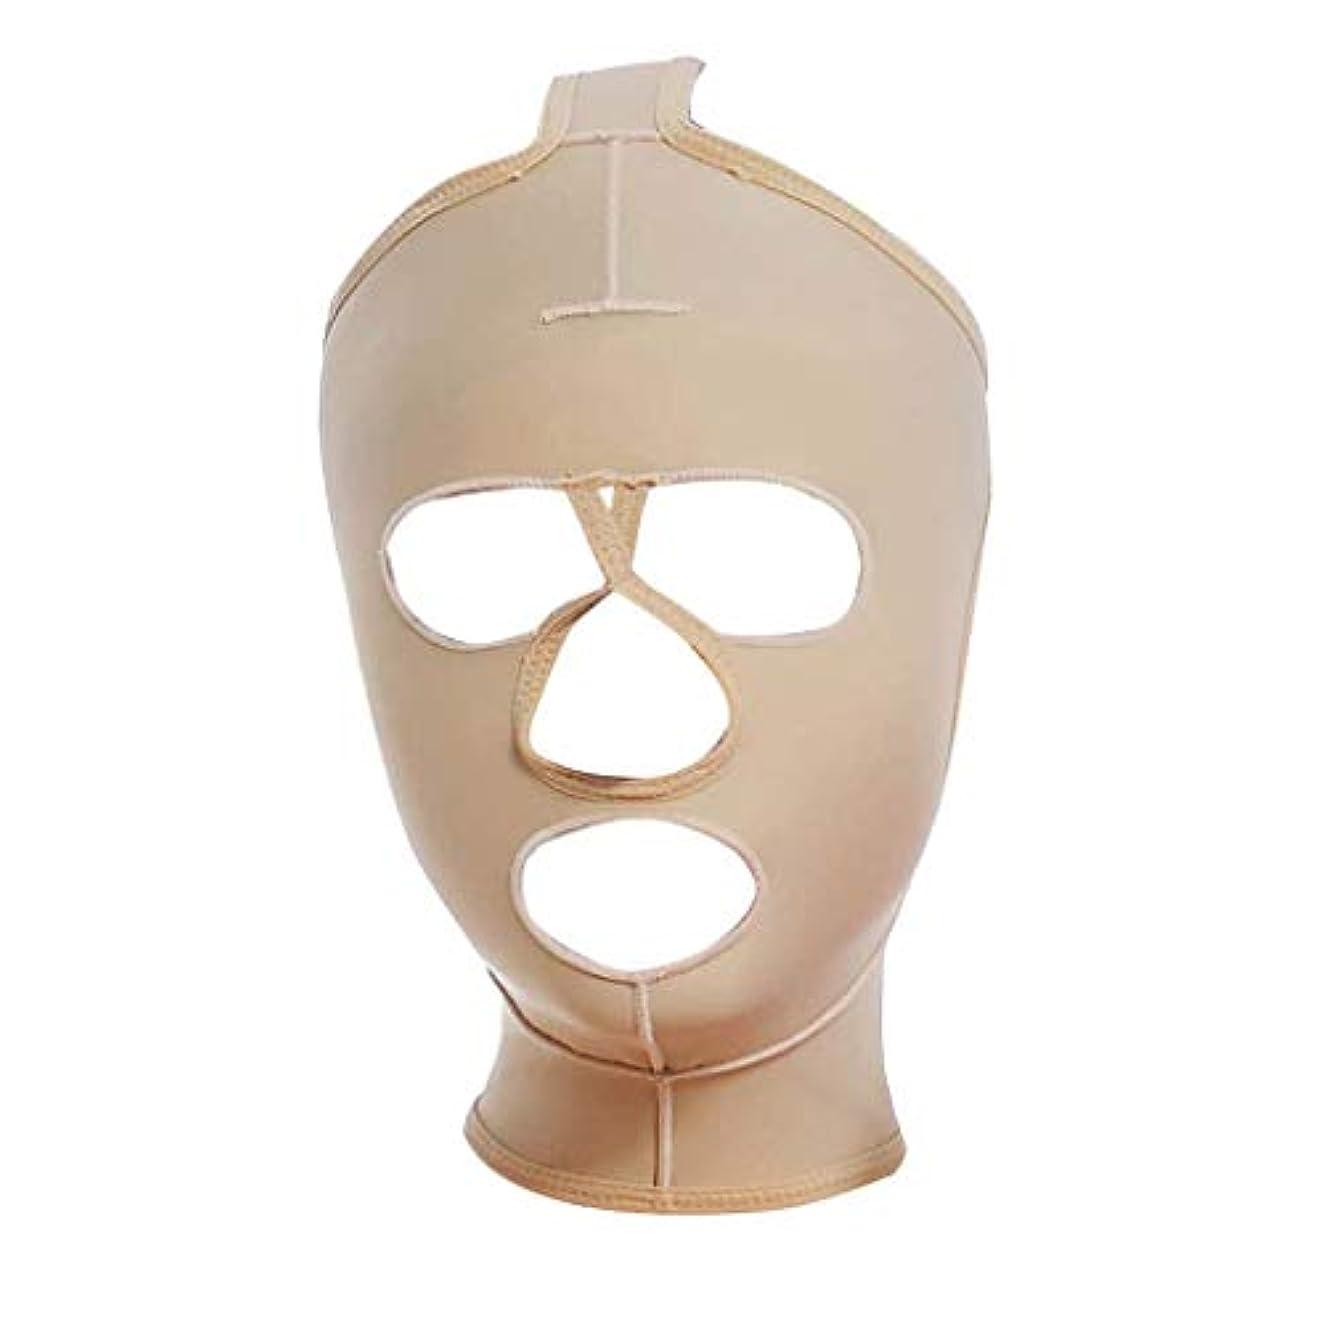 窒素公平な肥料フェイス&ネックリフト、減量フェイスマスク脂肪吸引術脂肪吸引術整形マスクフードフェイスリフティングアーティファクトVフェイスビームフェイス弾性スリーブ(サイズ:XXL),S